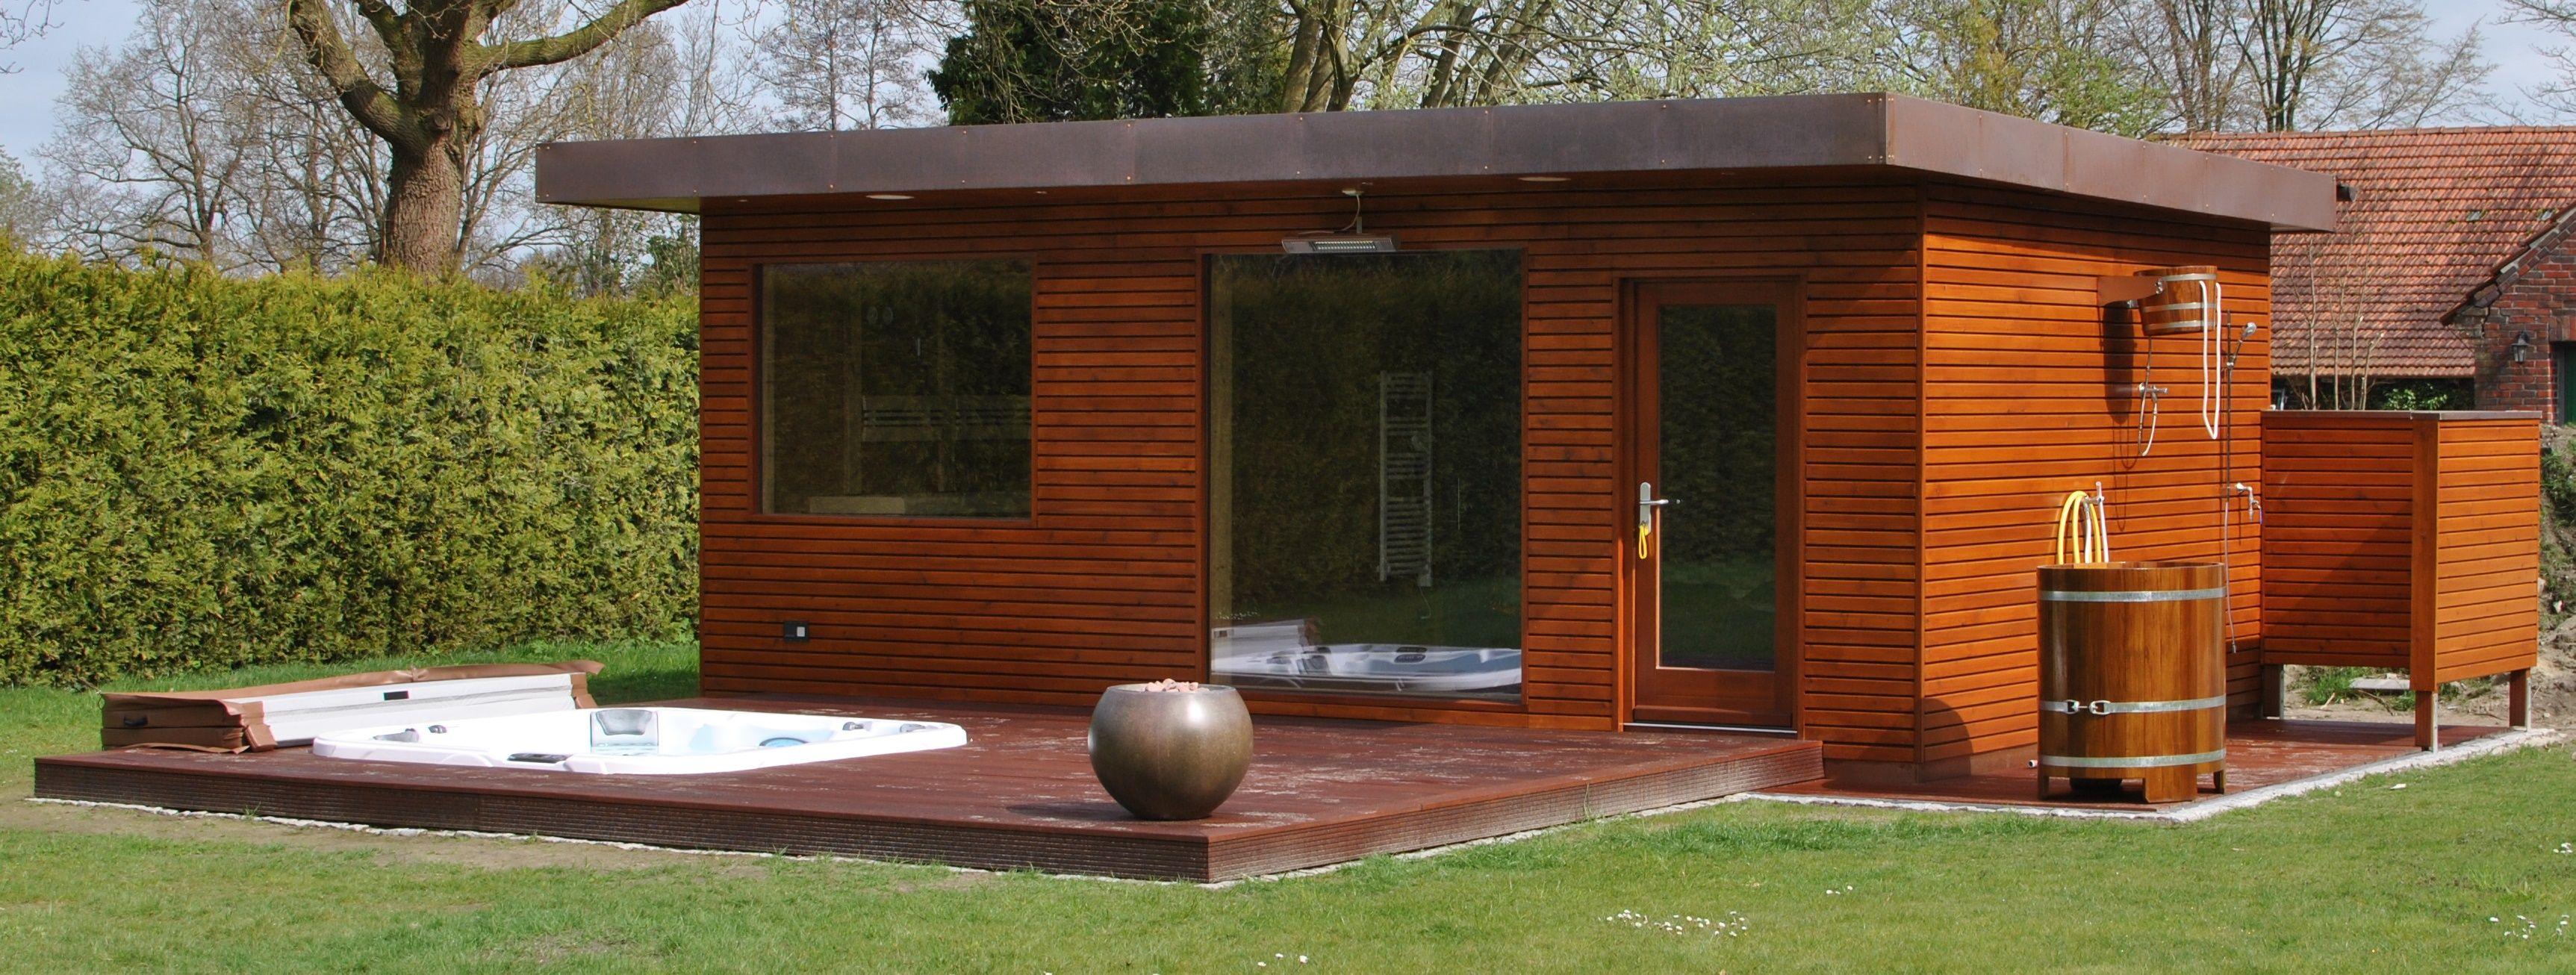 w rmegrad au ensauna mit holzdeck und eingelassenem dimension one chairman whirlpool sauna. Black Bedroom Furniture Sets. Home Design Ideas